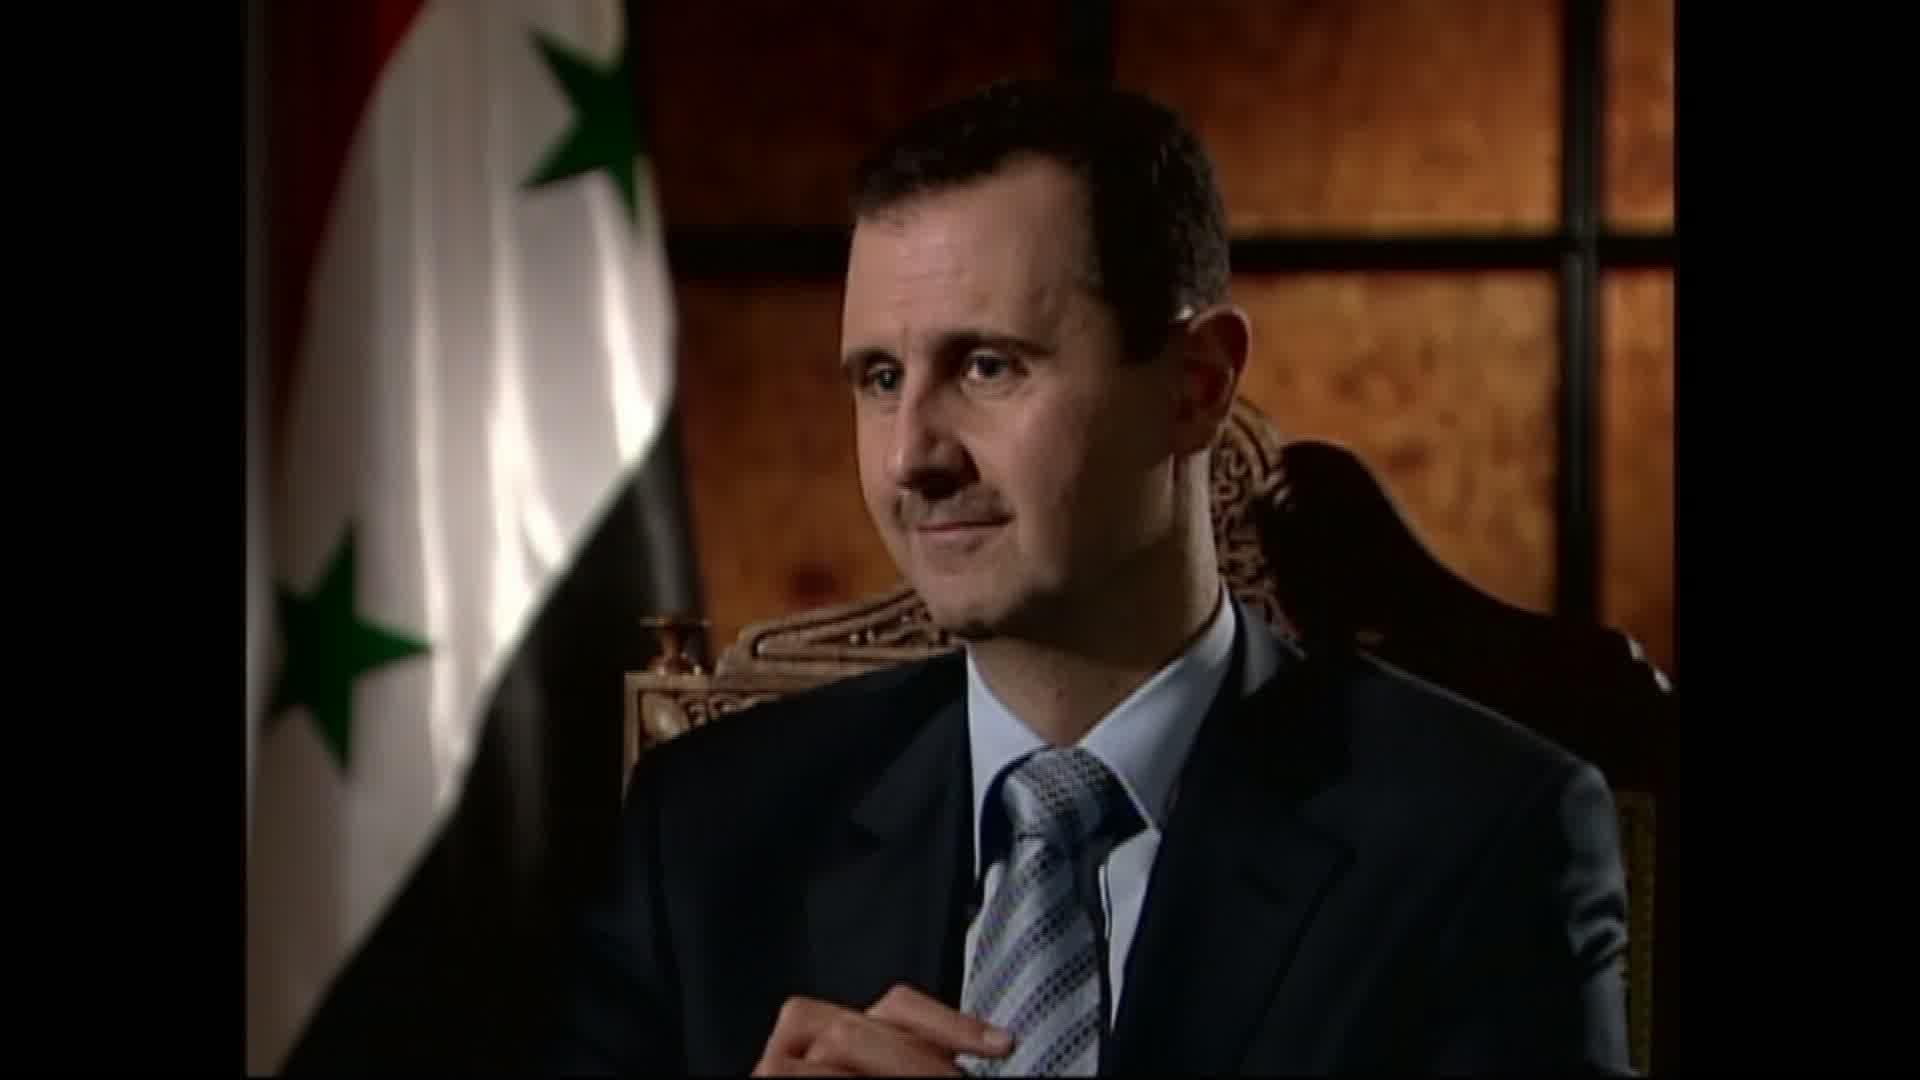 الرئيس بشار الاسد : وقفة حزب الله مع سوريا في مواجهة الارهاب وقفة وفاء وثقتنا بالنصر كبيرة